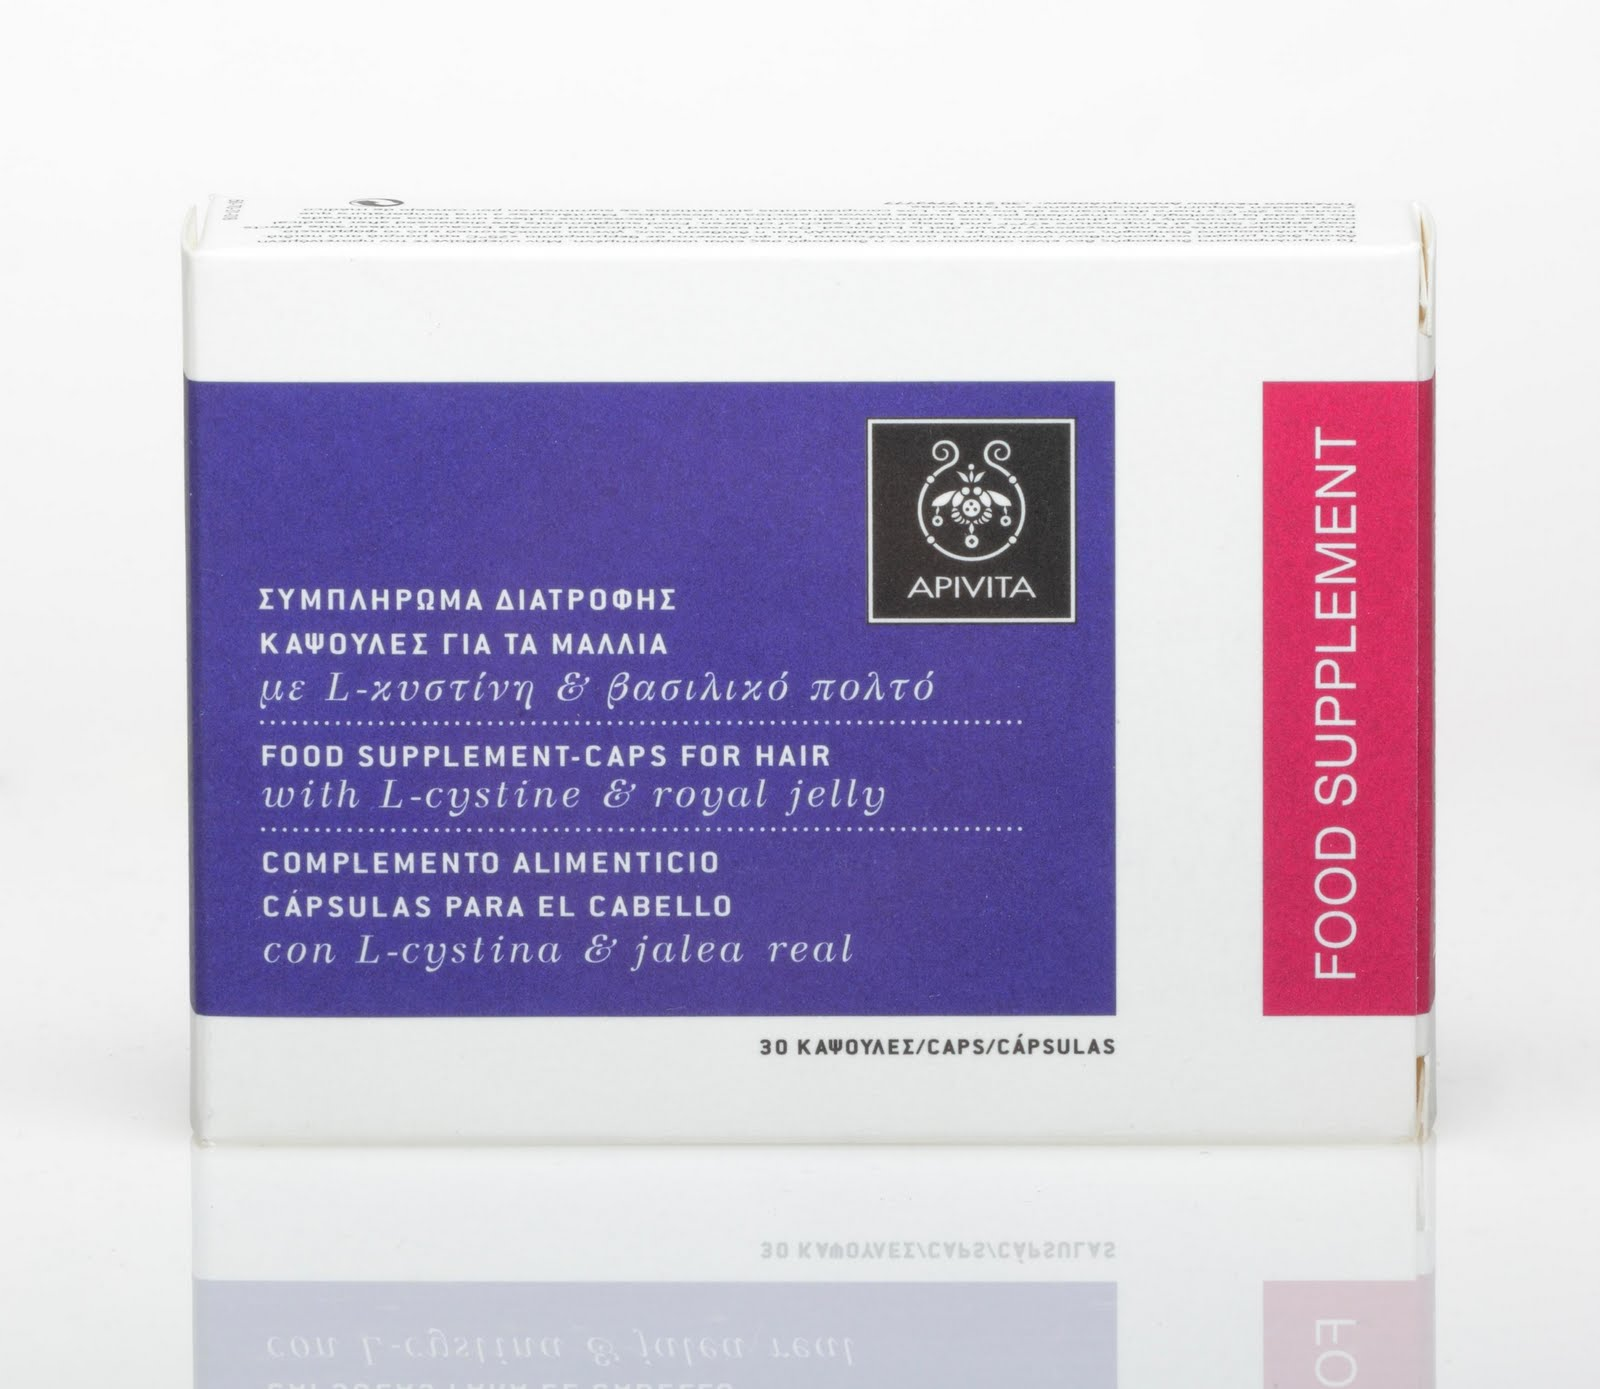 suplemento para el cabello en capsulas de apivita